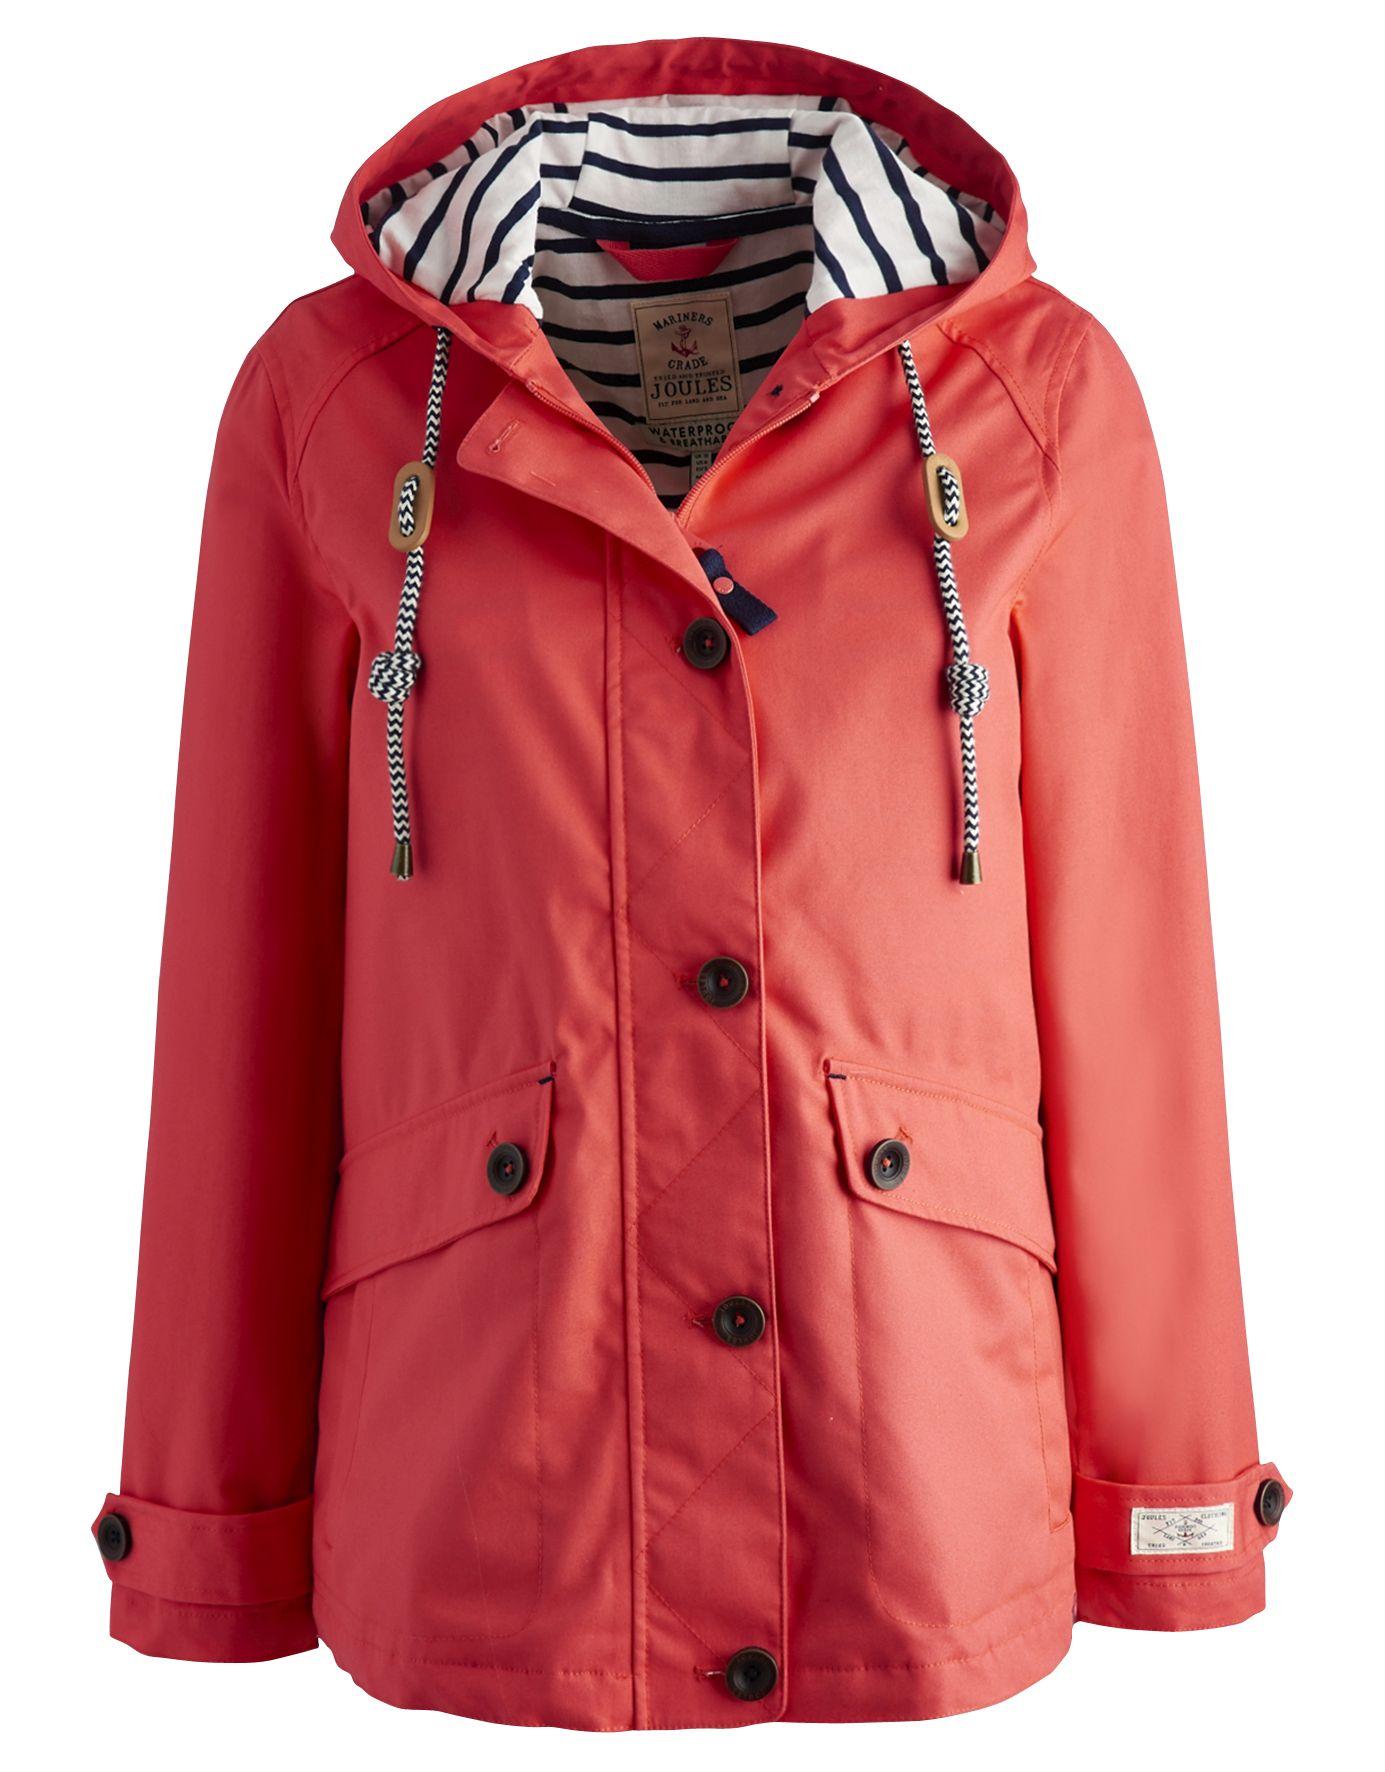 Joules Coast Ladies Waterproof Jacket (S) | eBay